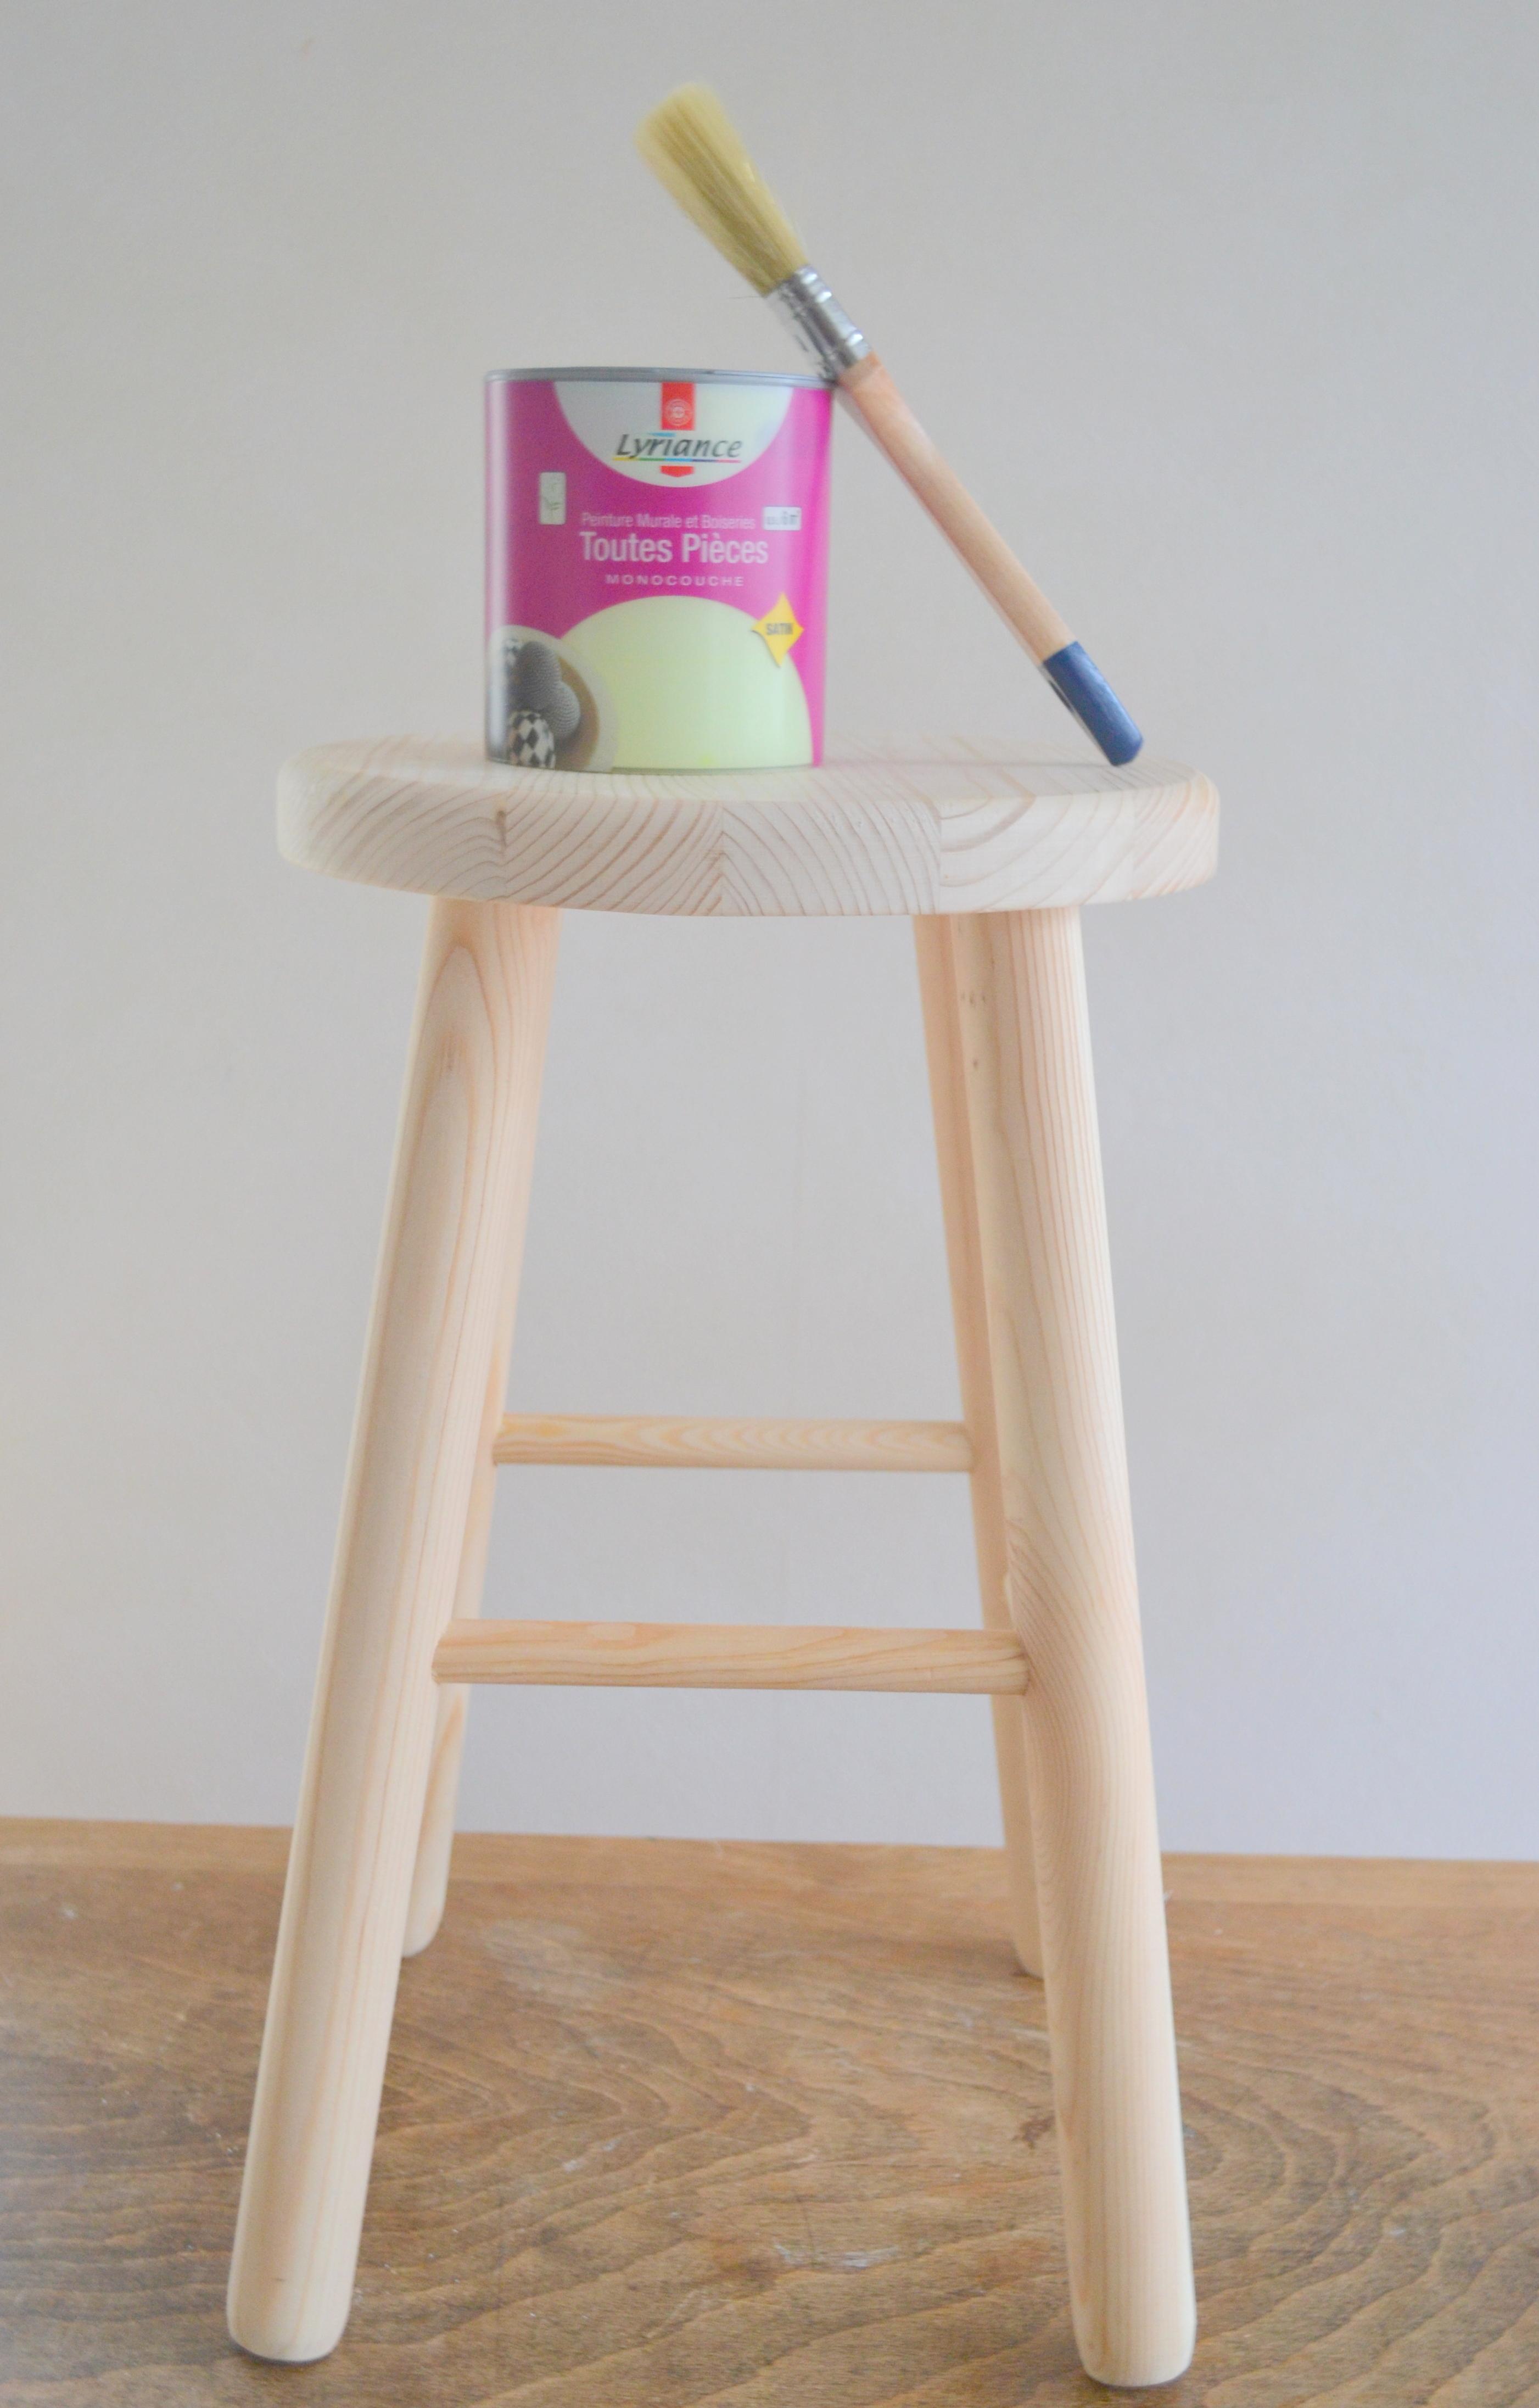 tabouret bois brut mood bar chair table trib chaise bois brut industrial furniture industrial. Black Bedroom Furniture Sets. Home Design Ideas